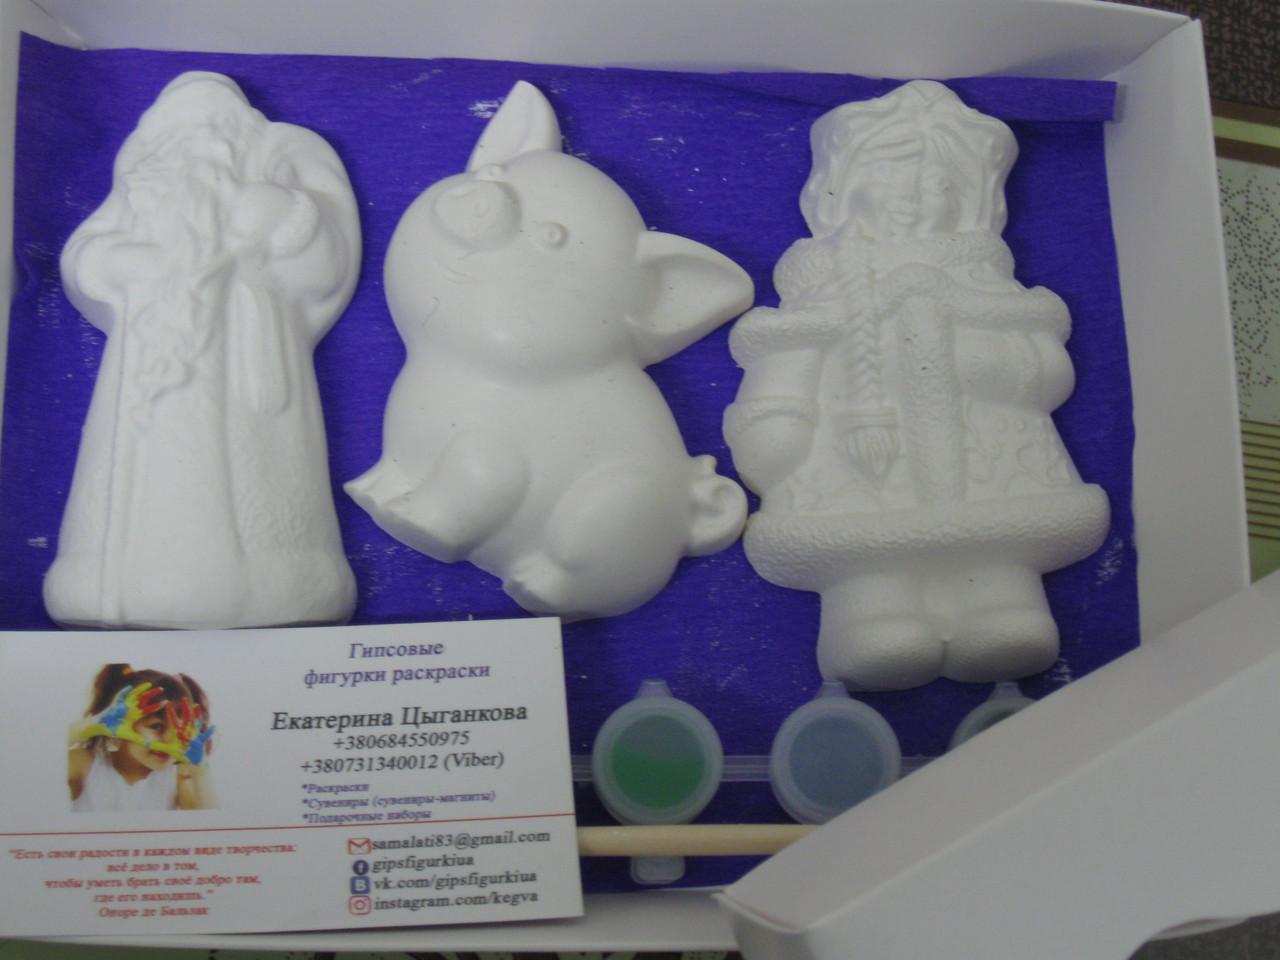 Новогодний набор гипсовых фигурок для творчества. Різдвяний набір гіпсових фігурок для творчості №29